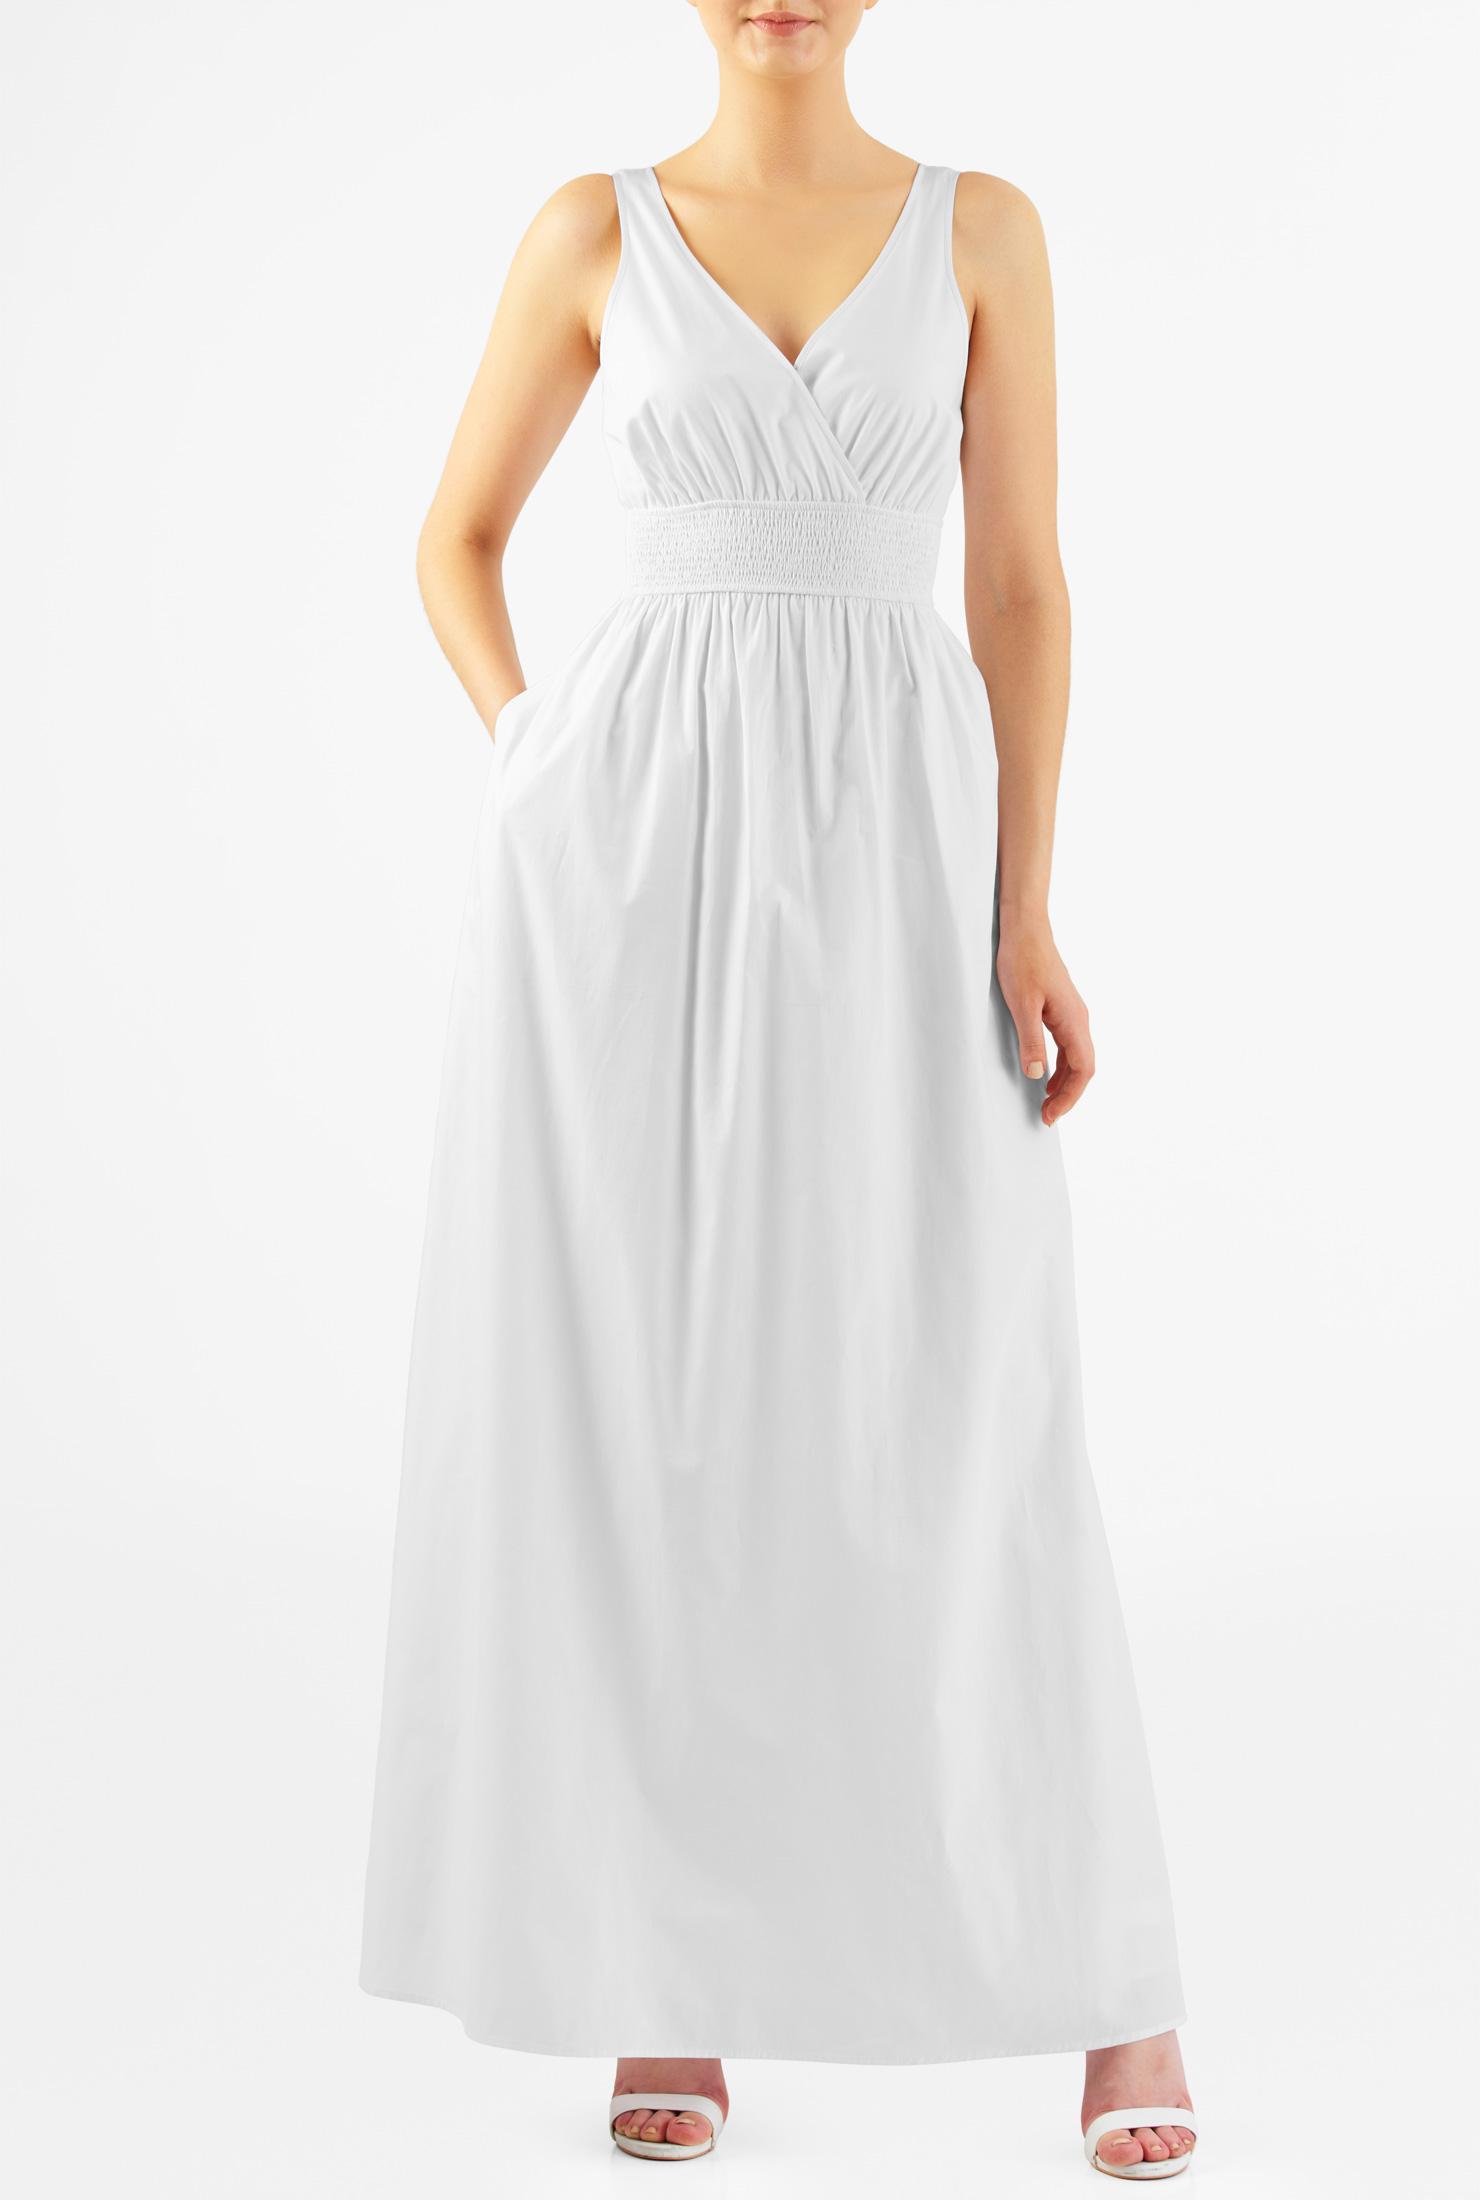 eShakti Women's Elastic waist cotton maxi dress